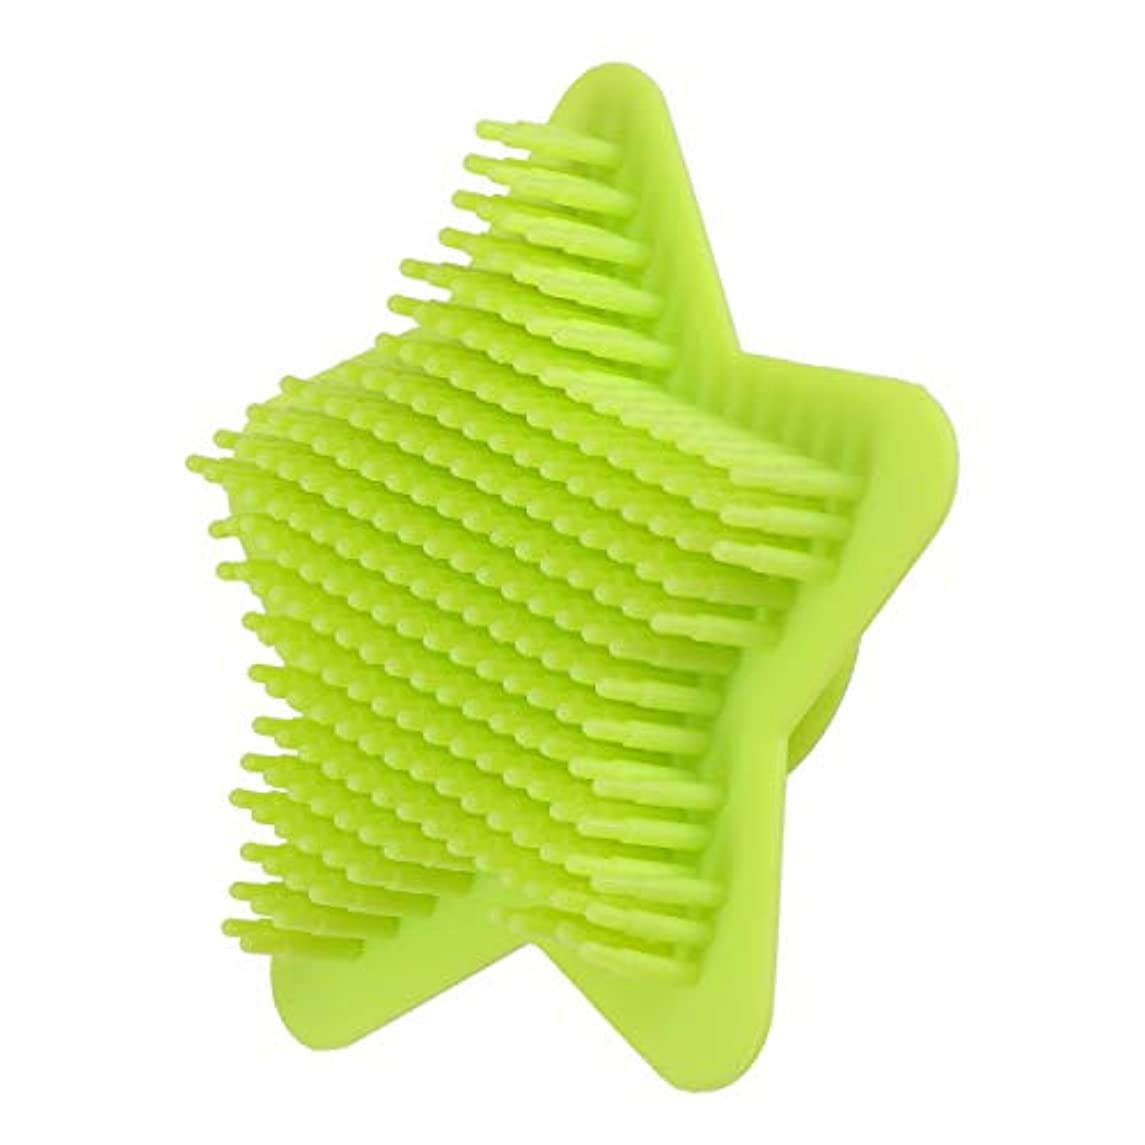 対角線選挙ポップHealifty ベビーシリコンボディーブラシシャワースクラバーブラシバスブラシ(グリーン)